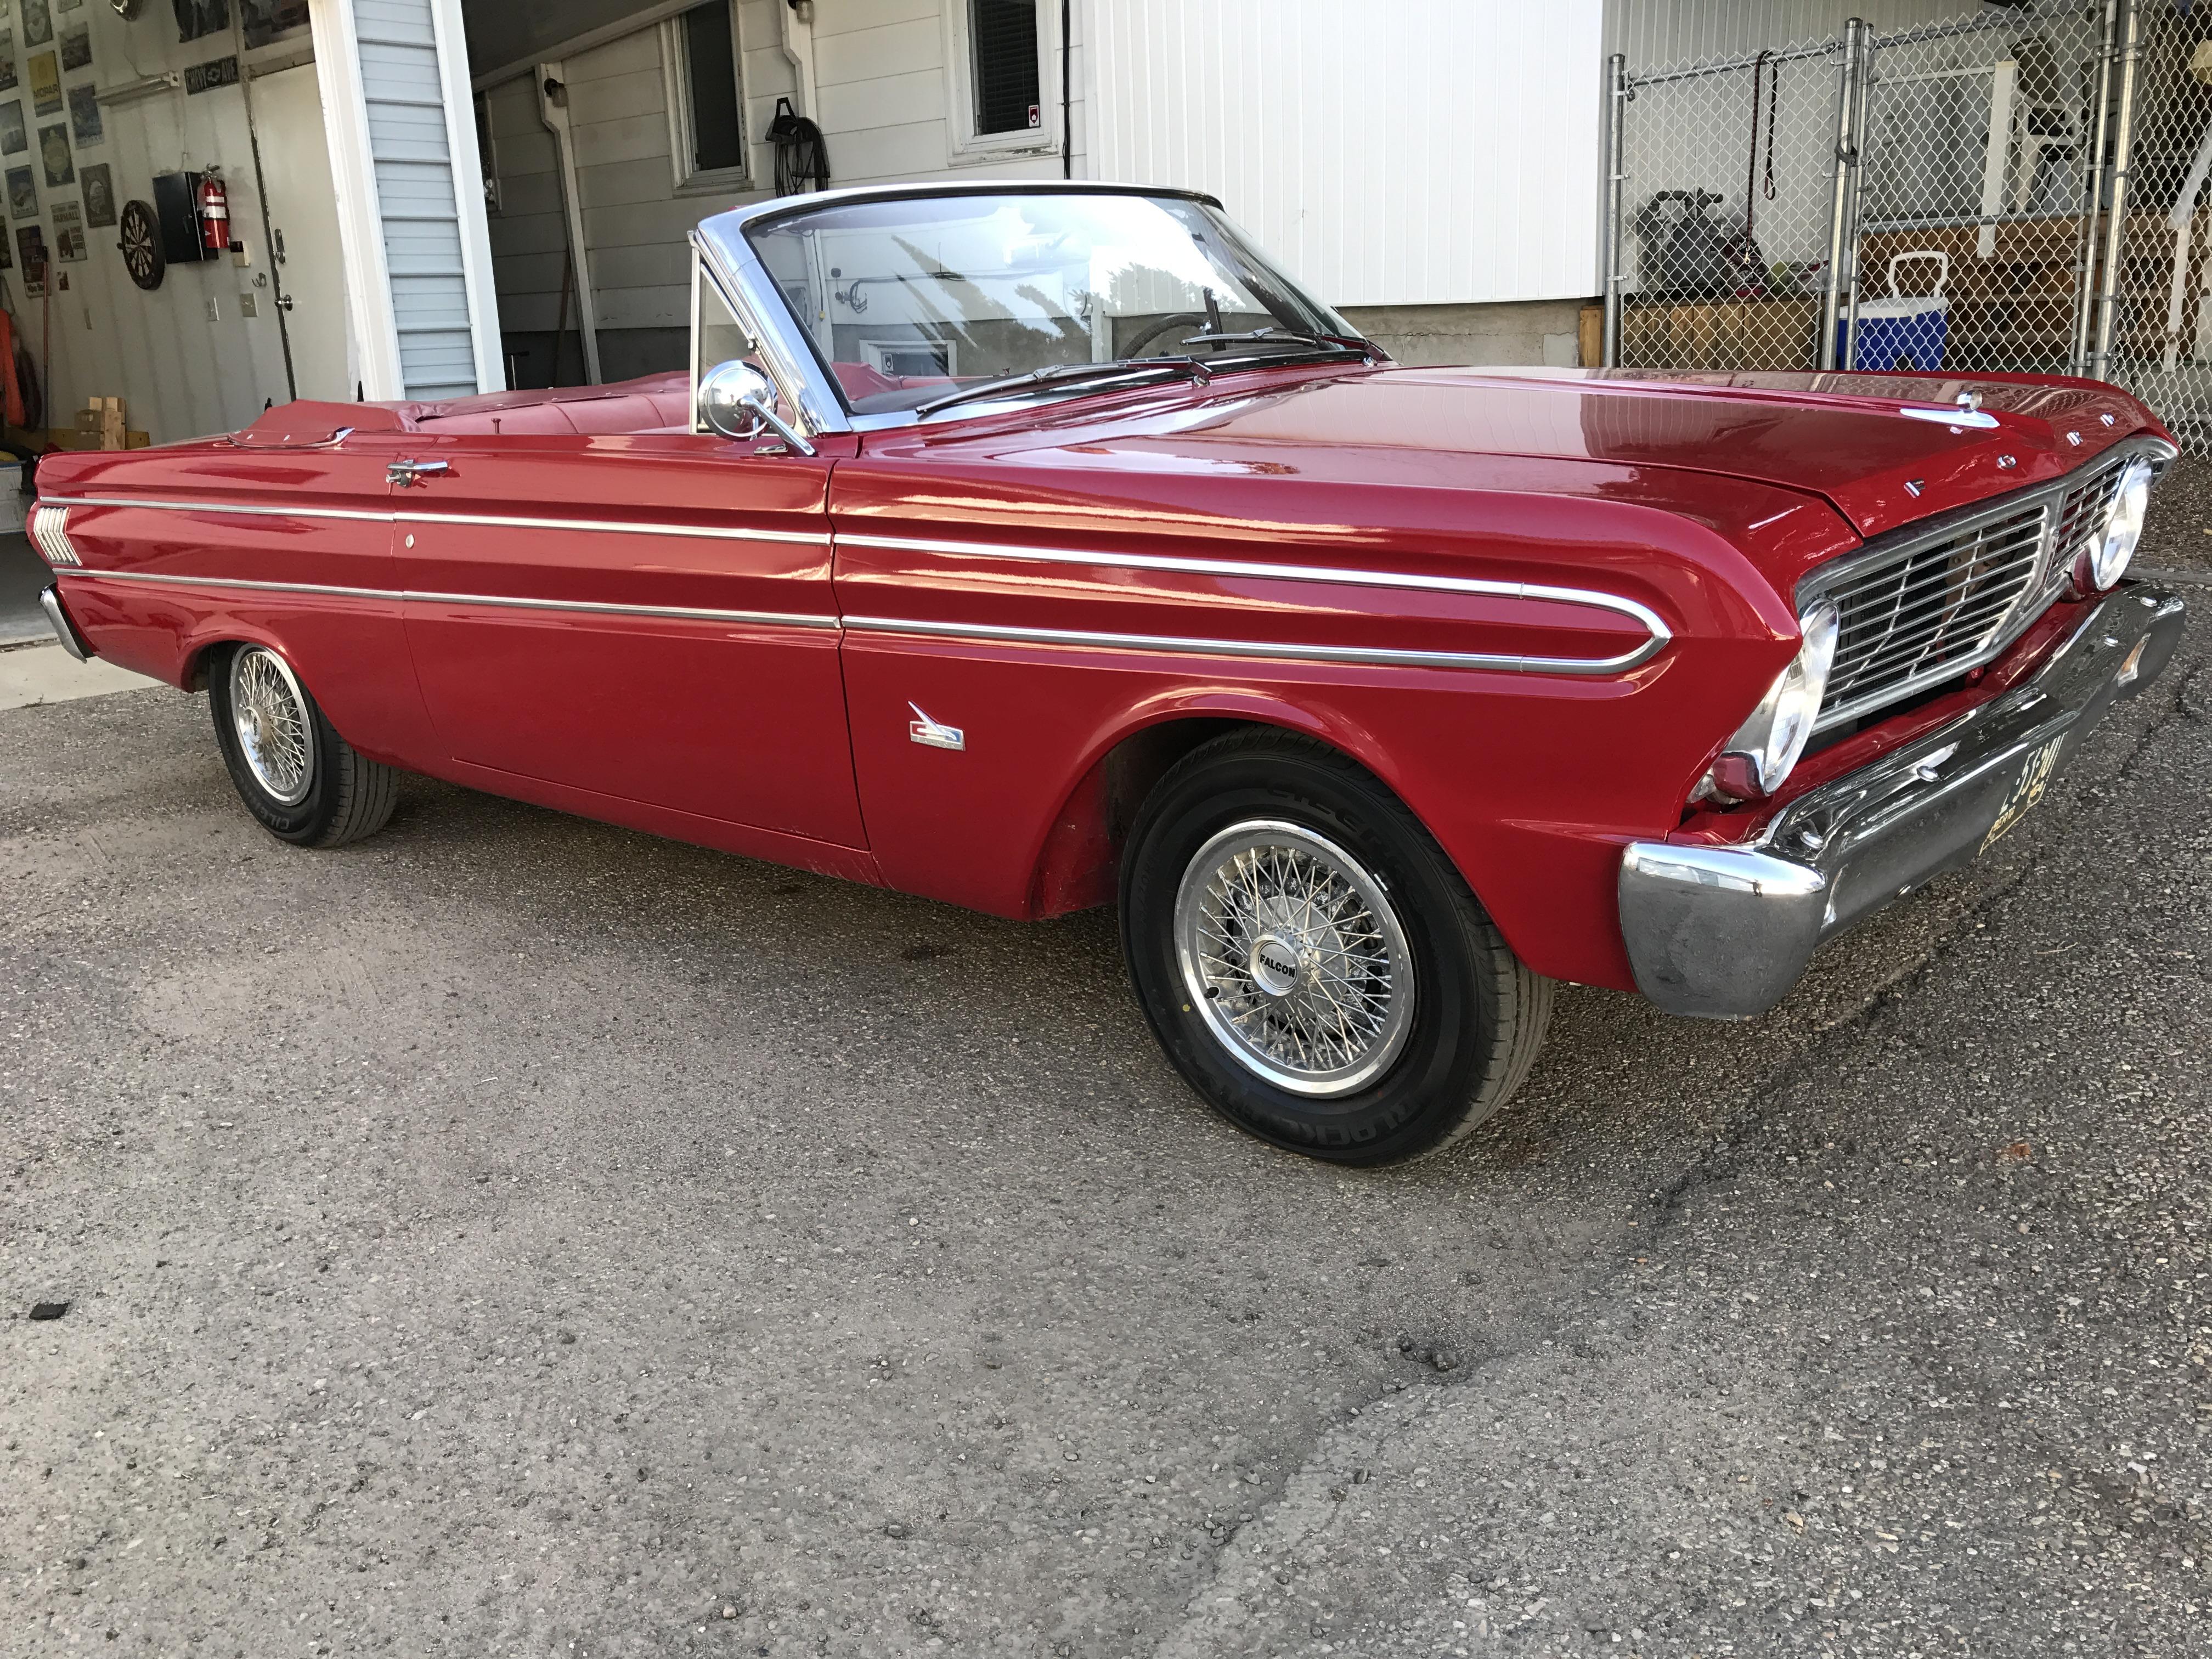 1964 Ford Falcon Futura Convertible Okotoks Collector Car Img 7163